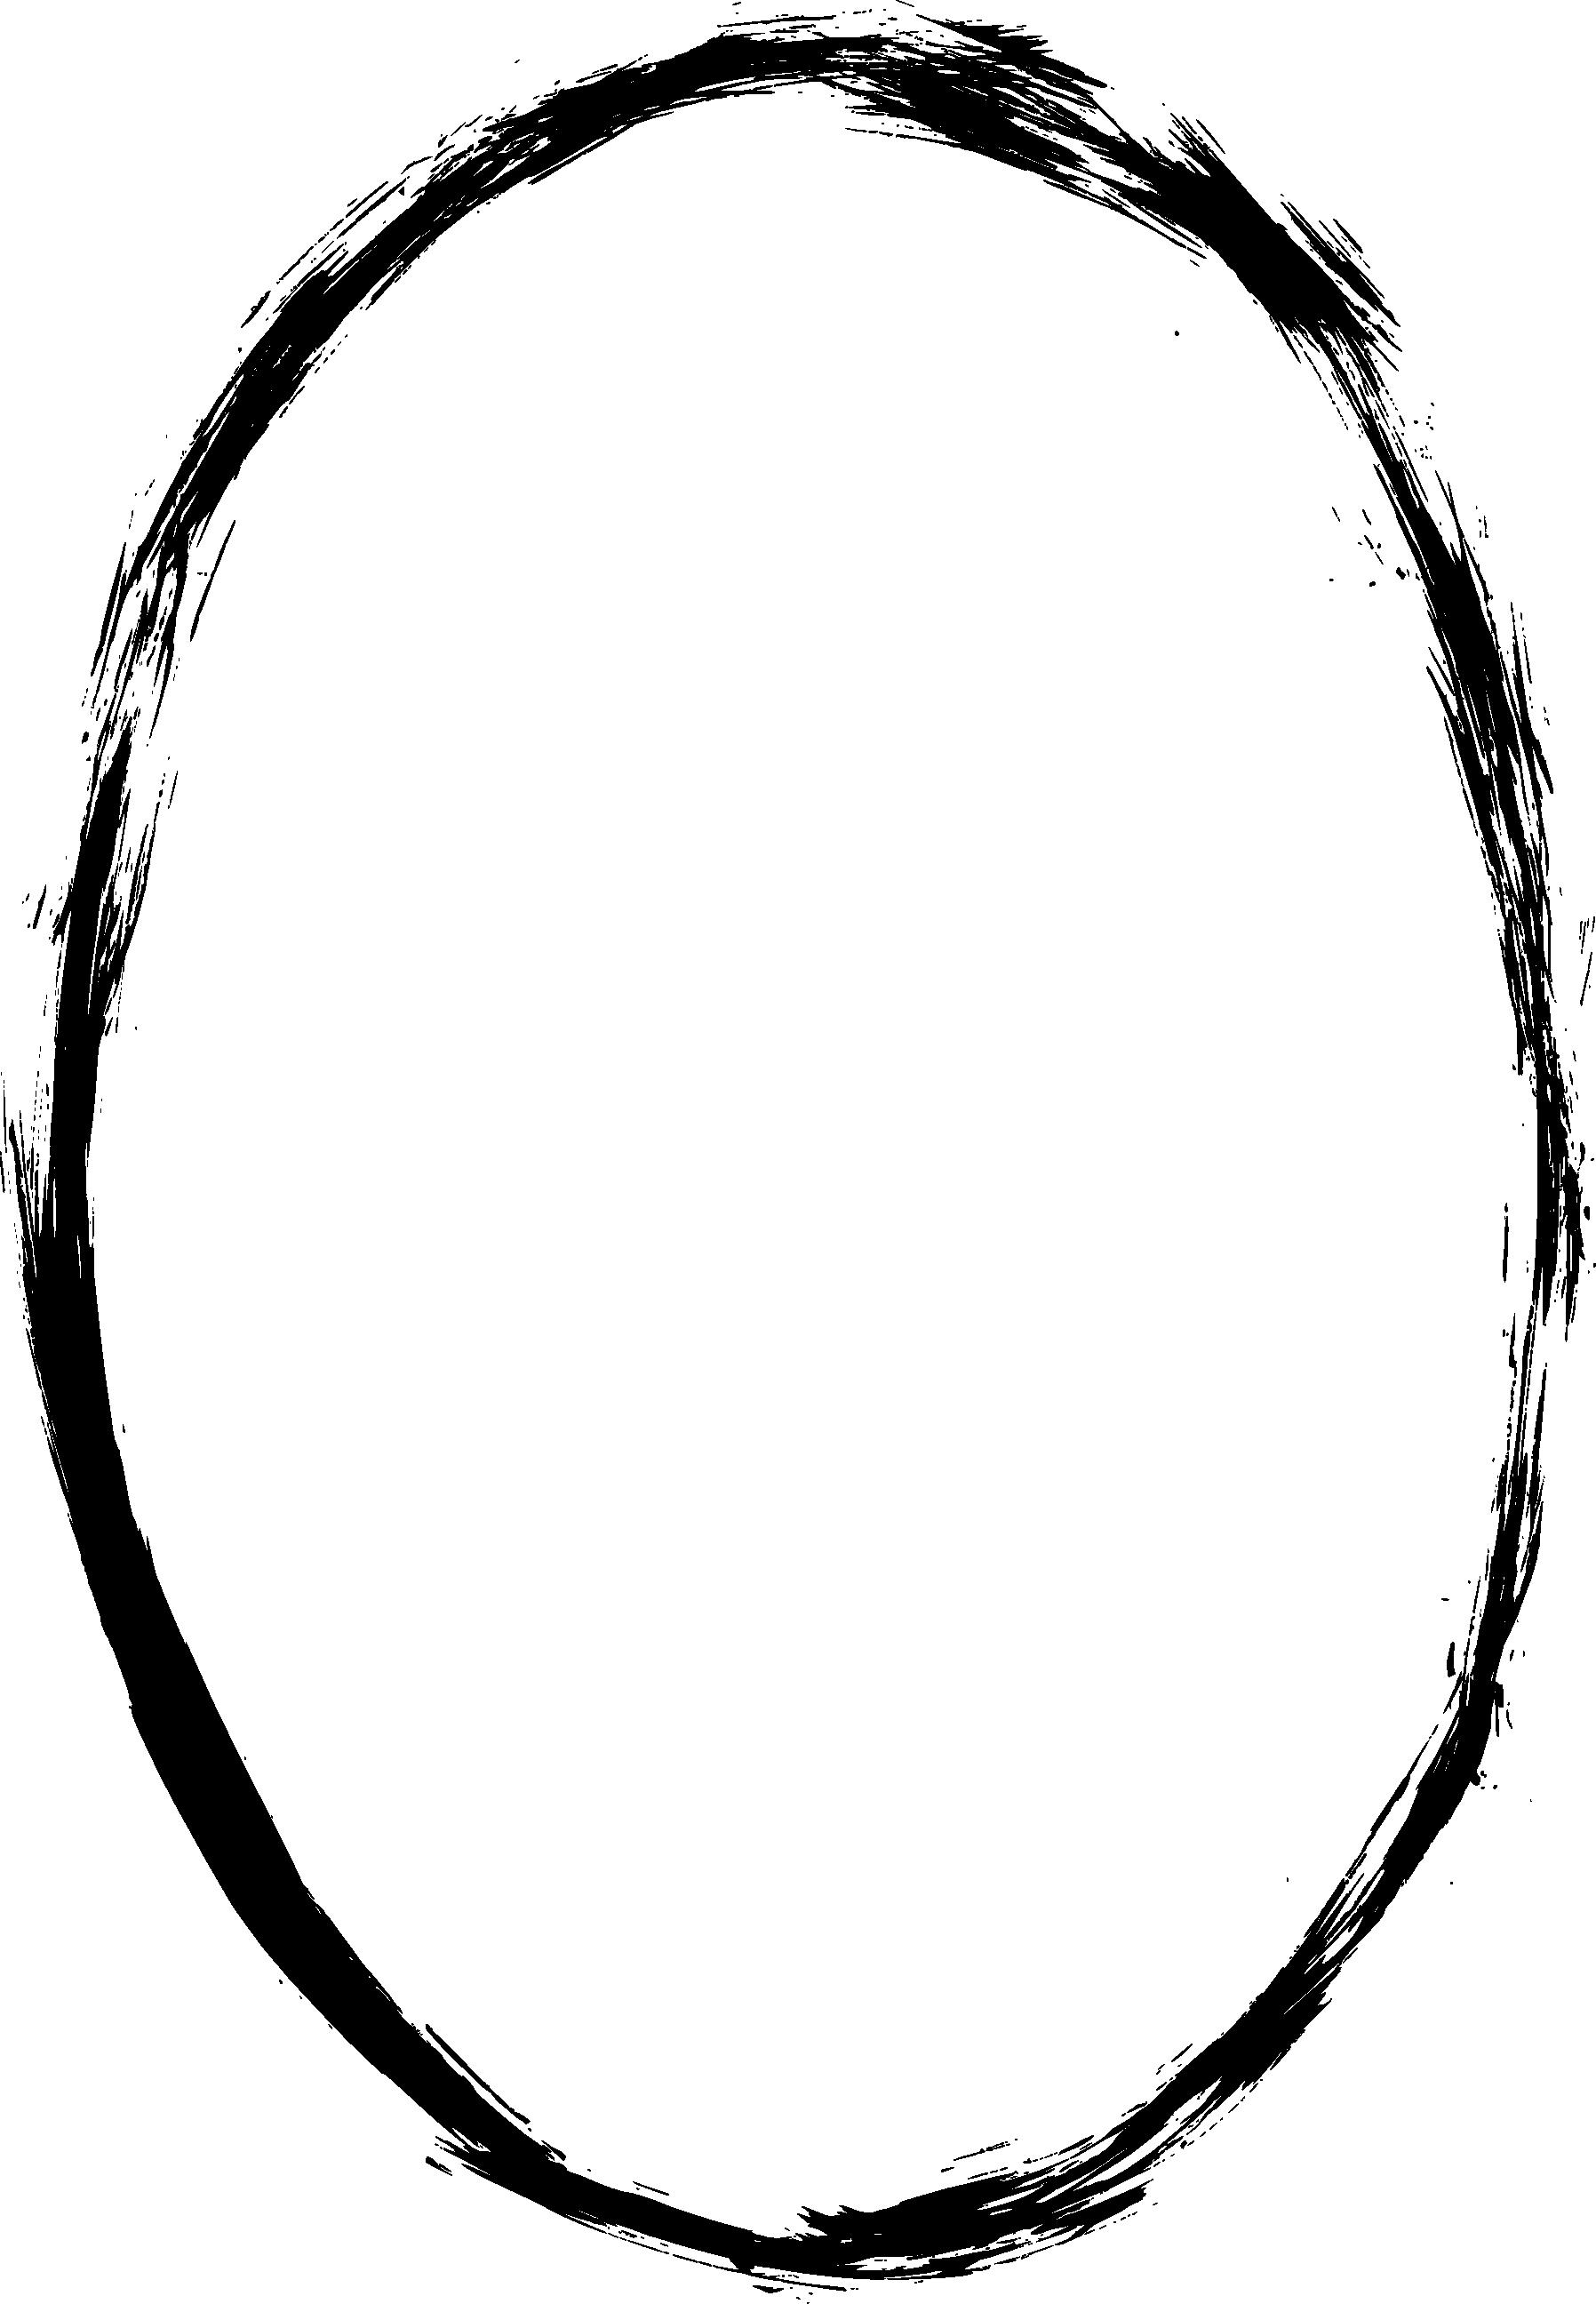 6 Grunge Oval Frame Png Transaprent Onlygfx Com